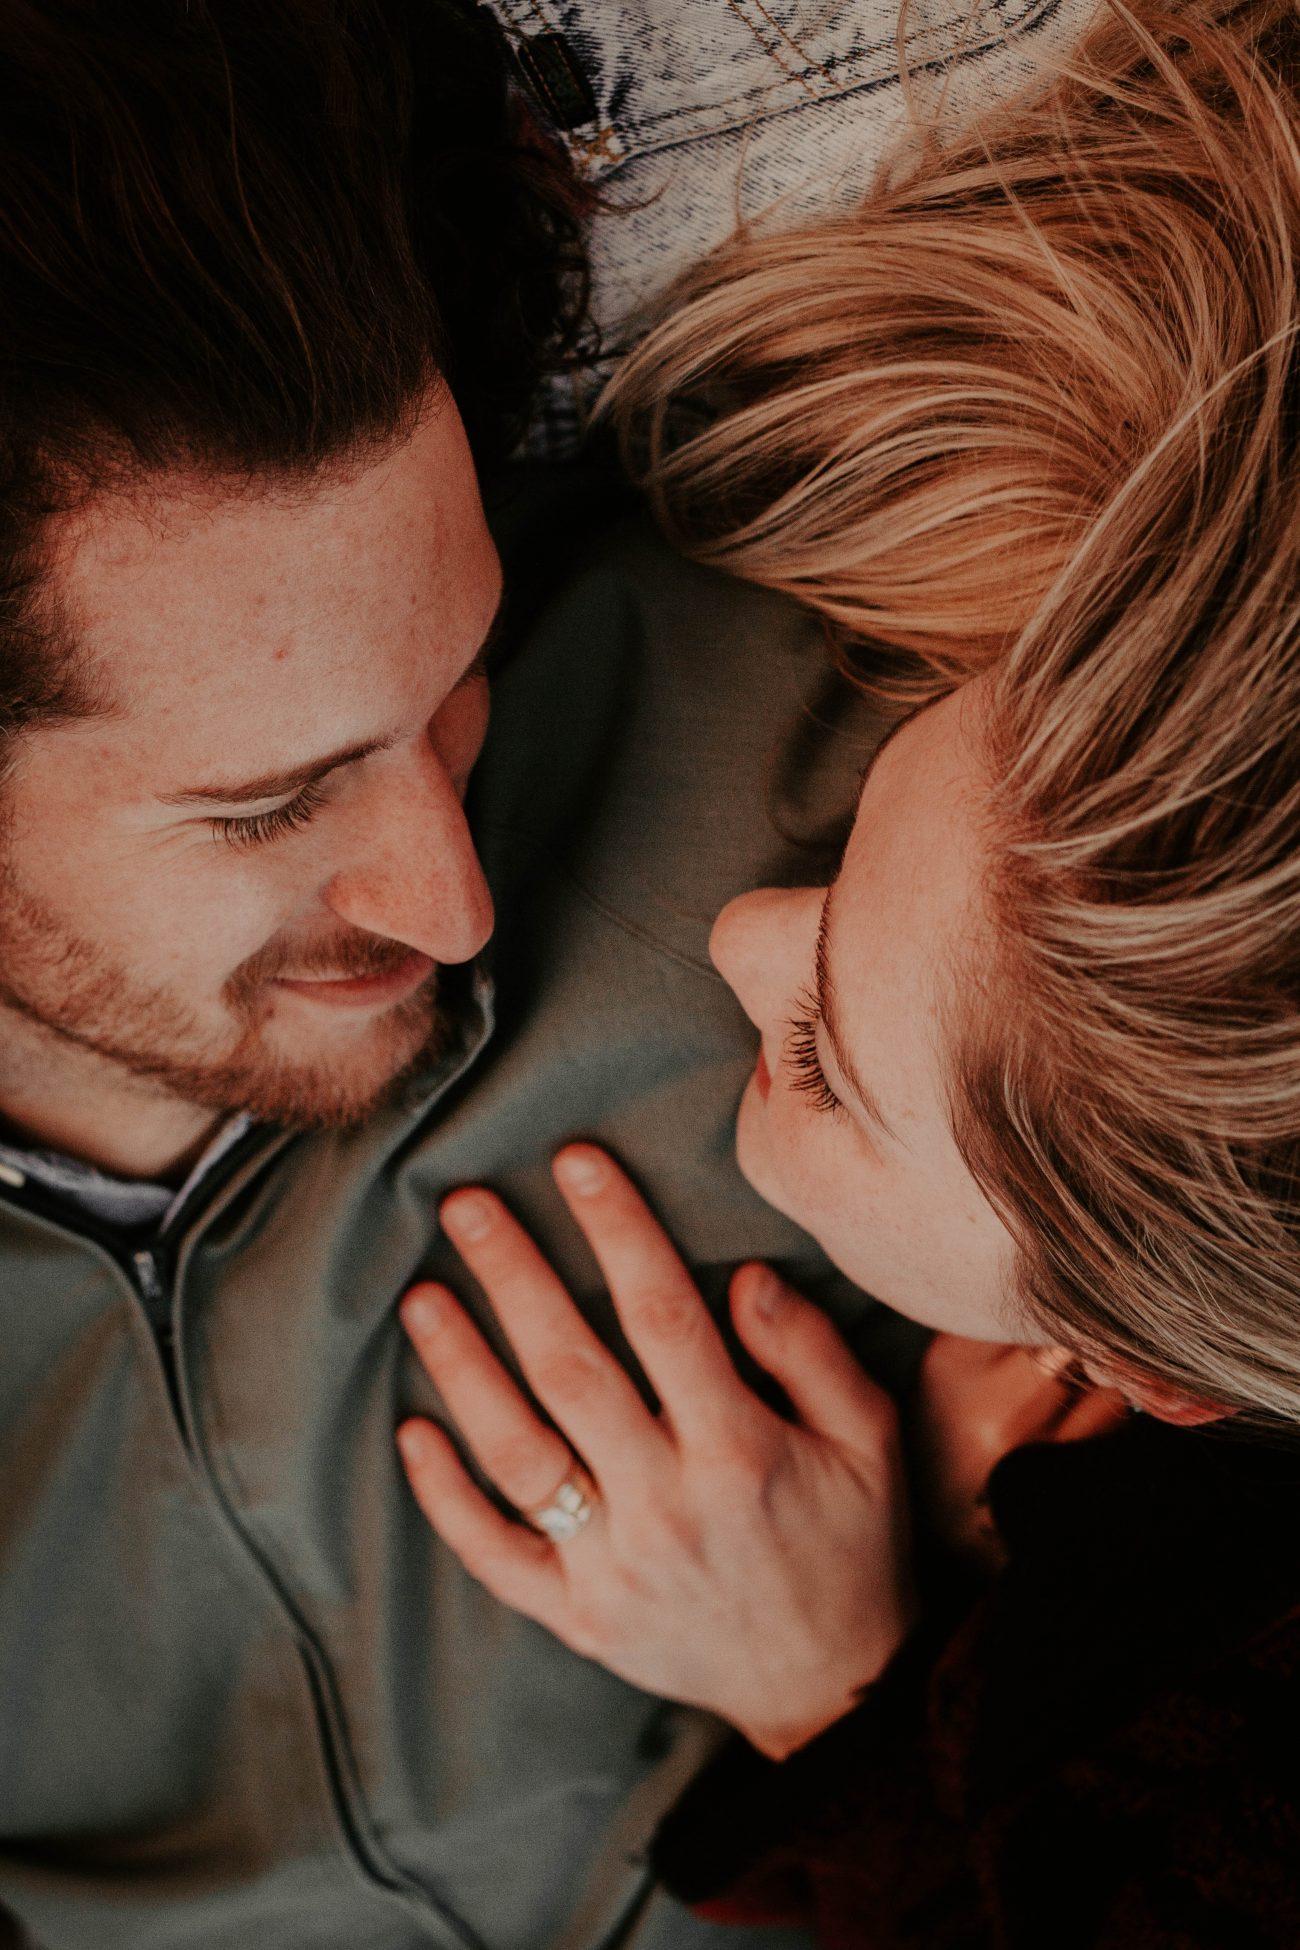 Intimität und Verbundenheit - Stabile Beziehungen leben